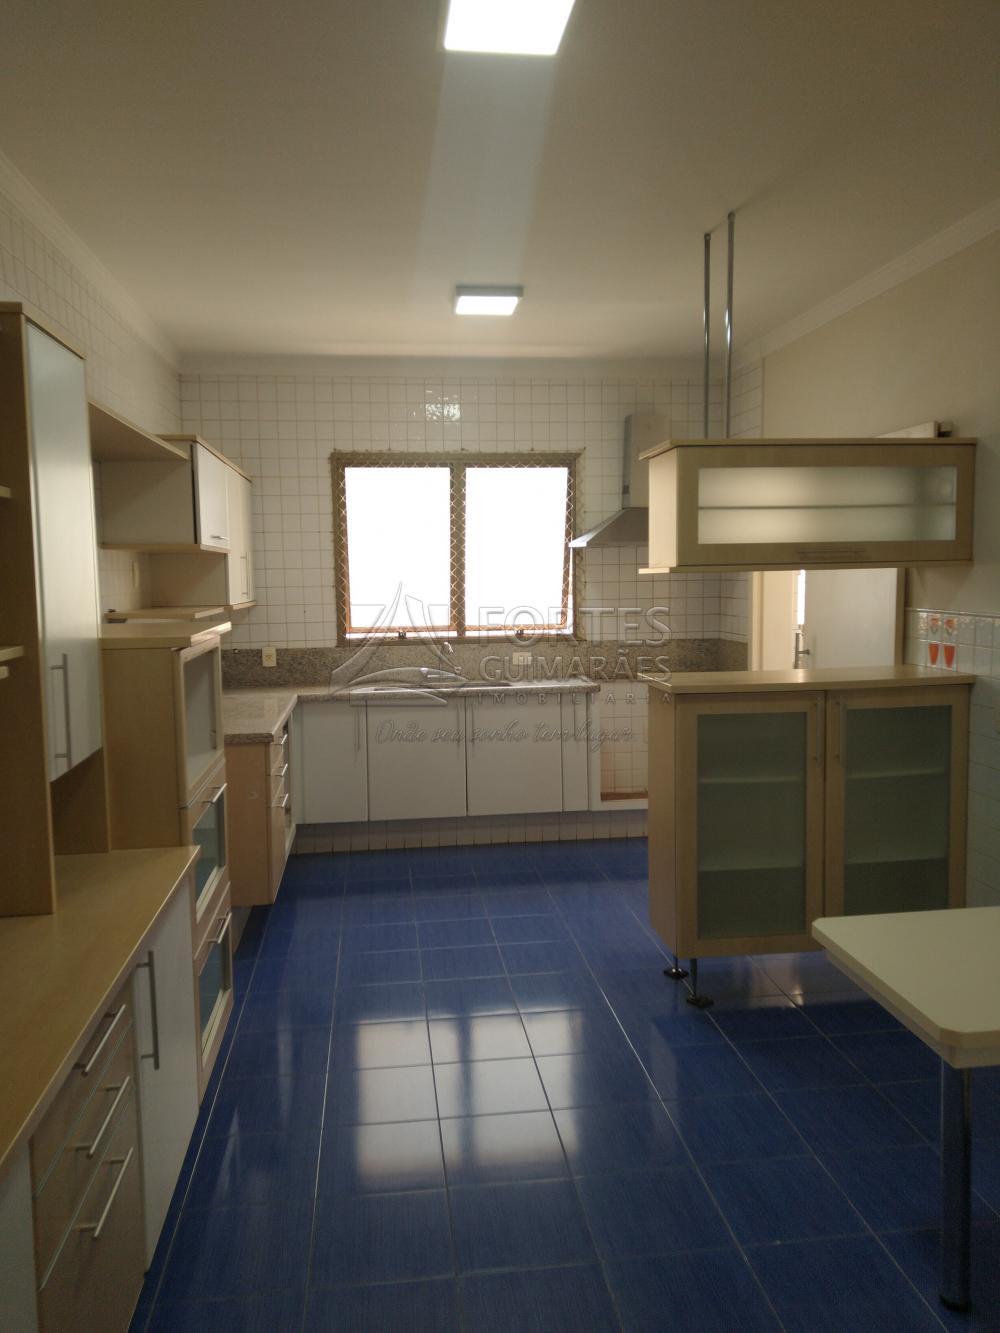 Alugar Apartamentos / Padrão em Ribeirão Preto apenas R$ 3.000,00 - Foto 50